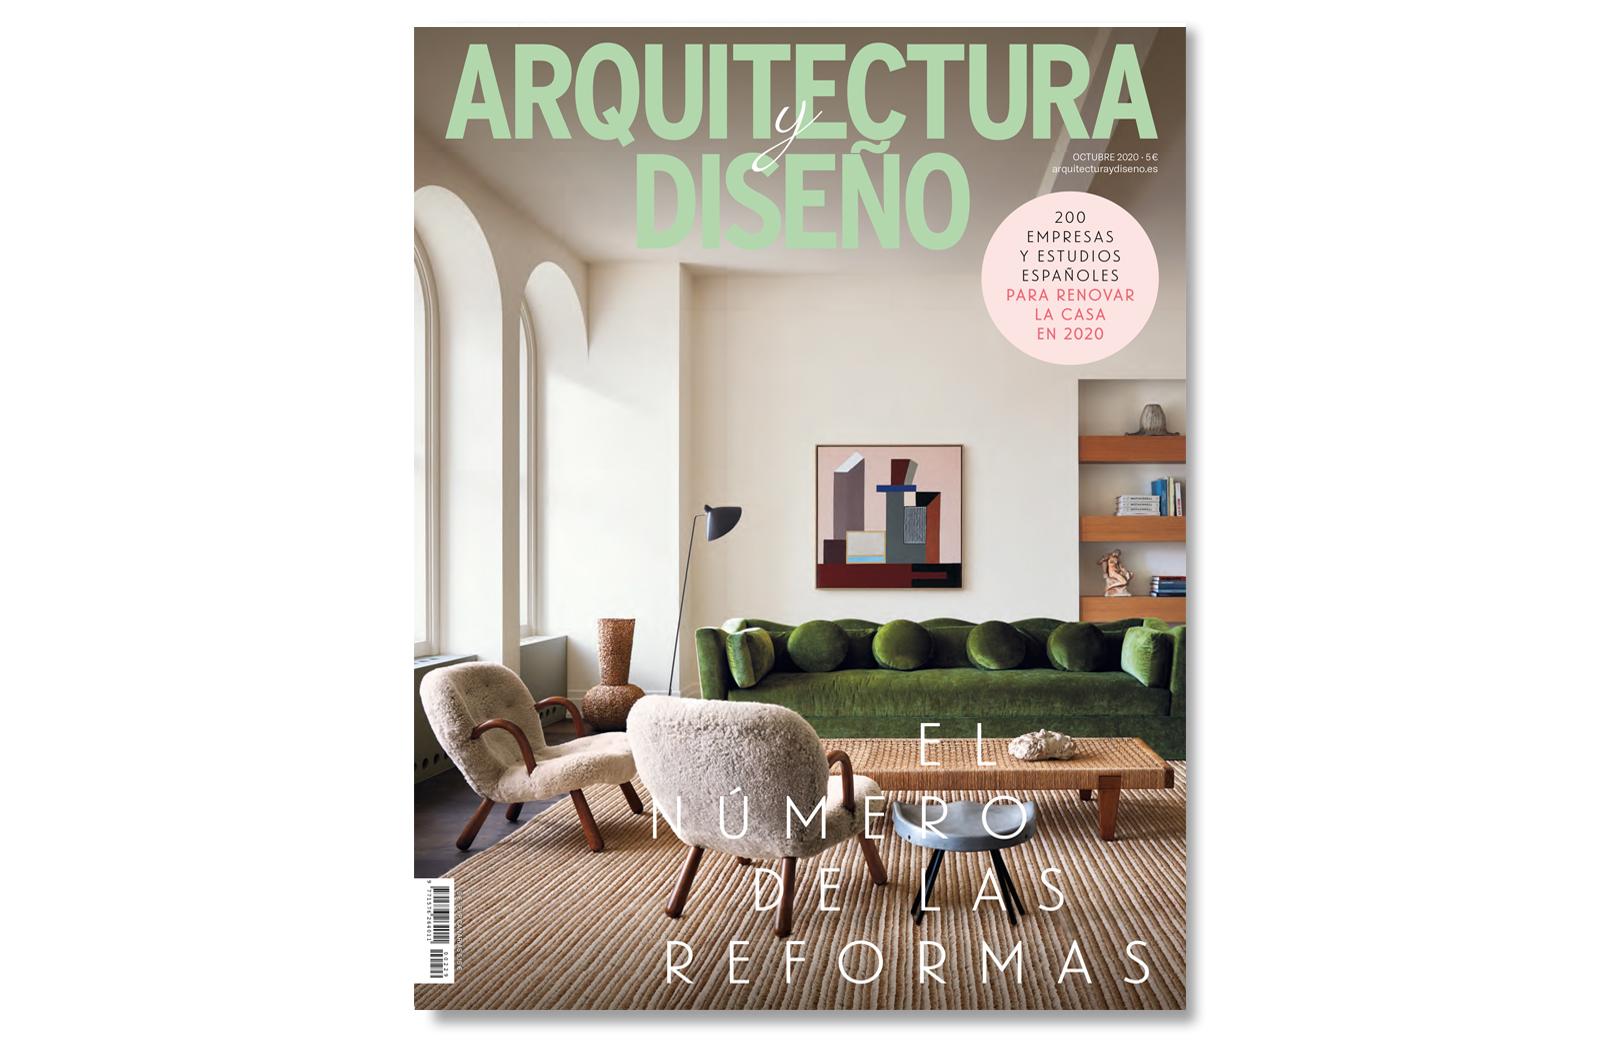 arquitectura-y-diseno_bookcover-1600x1040